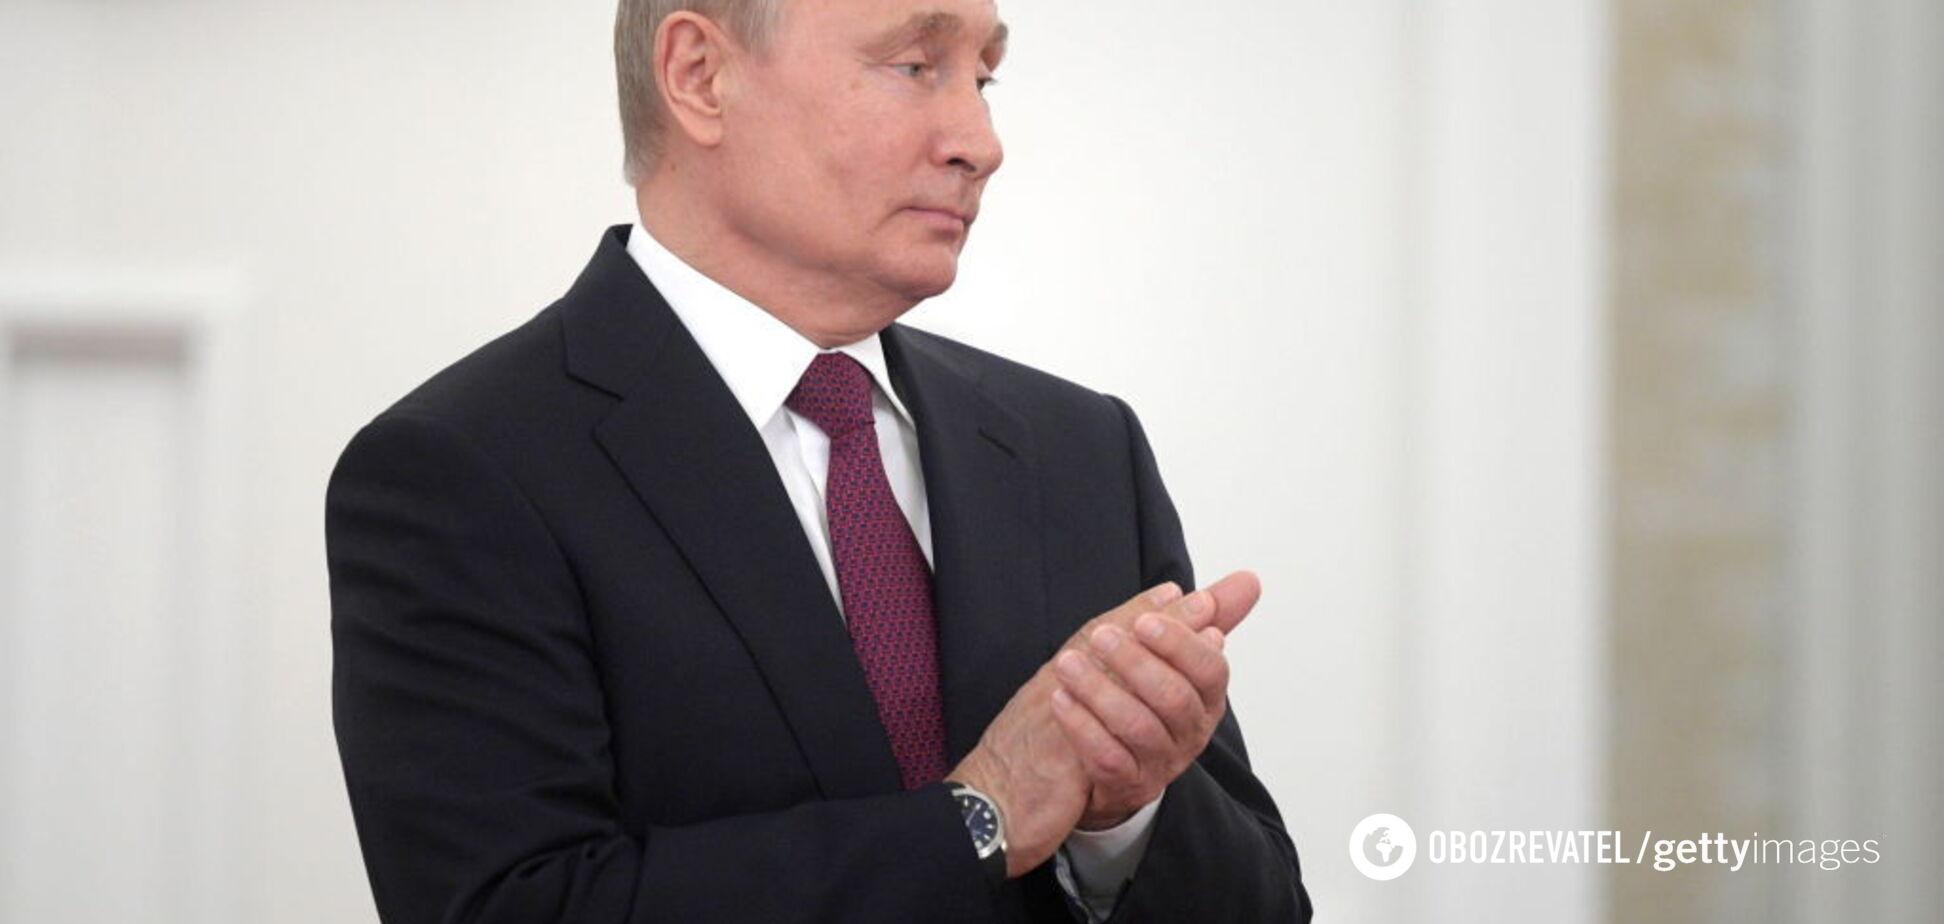 Интервью Путина: святее Папы Римского